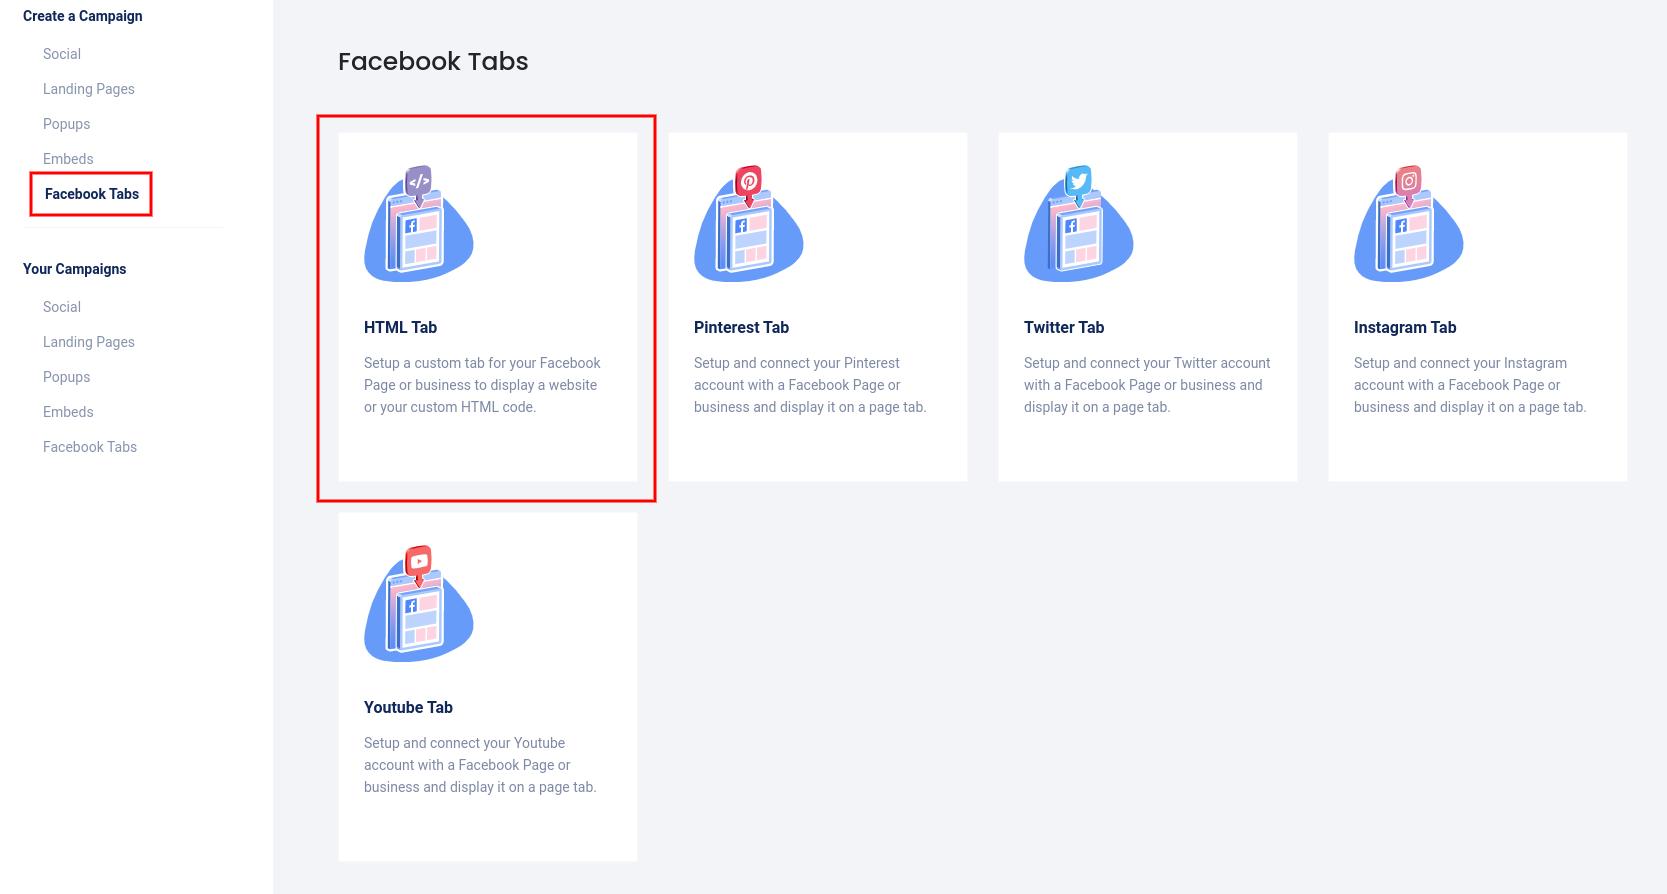 Facebook tabs - HTML tab